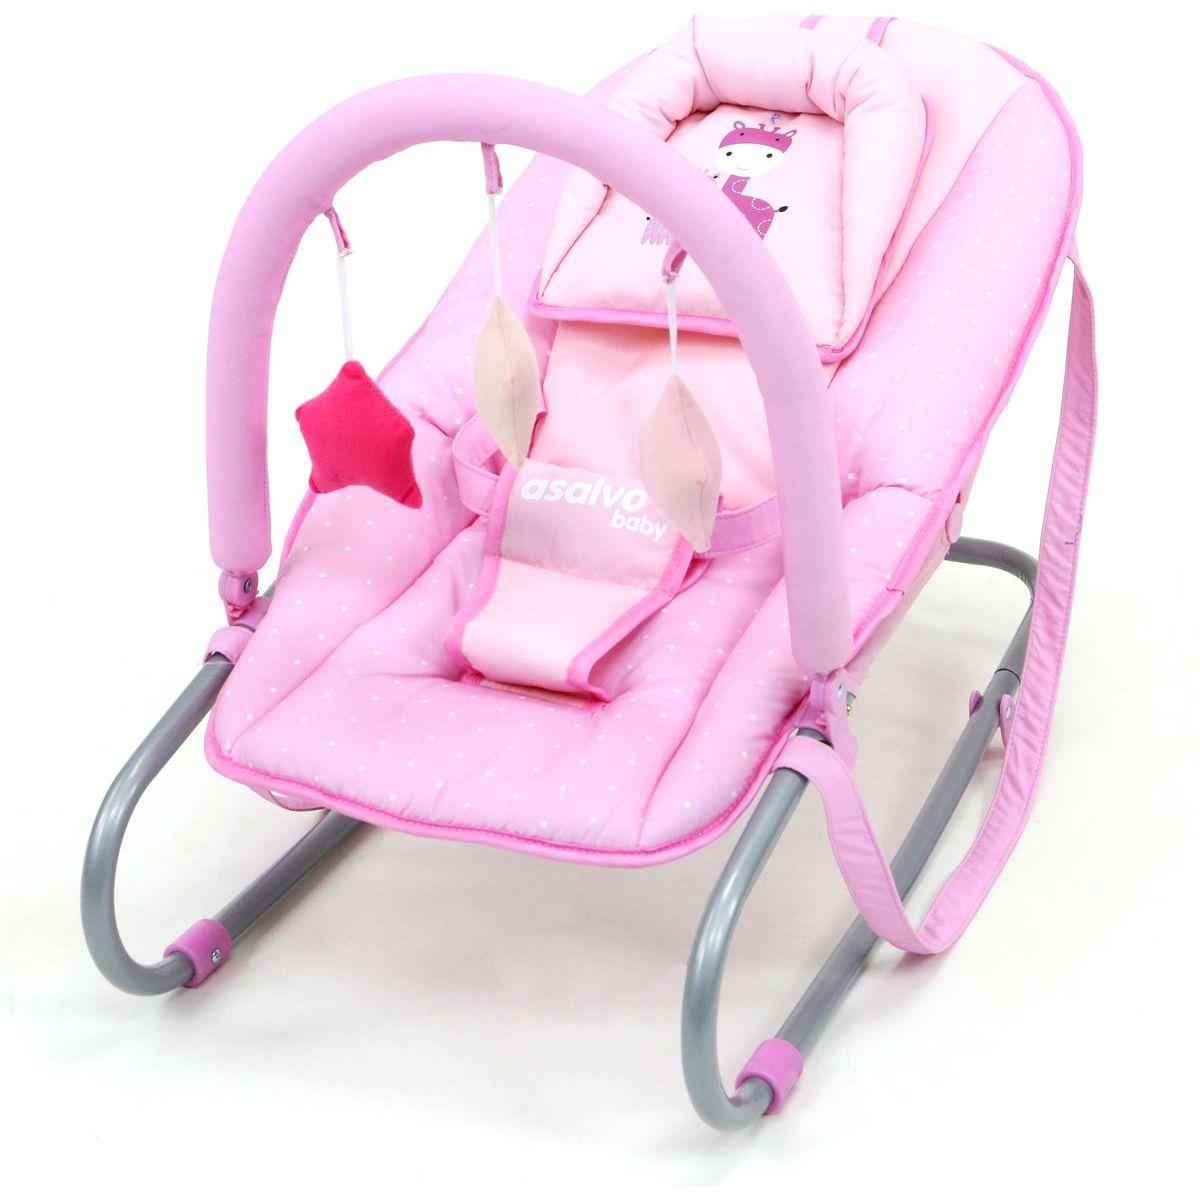 Asalvo Křesílko Baby giraffes pink